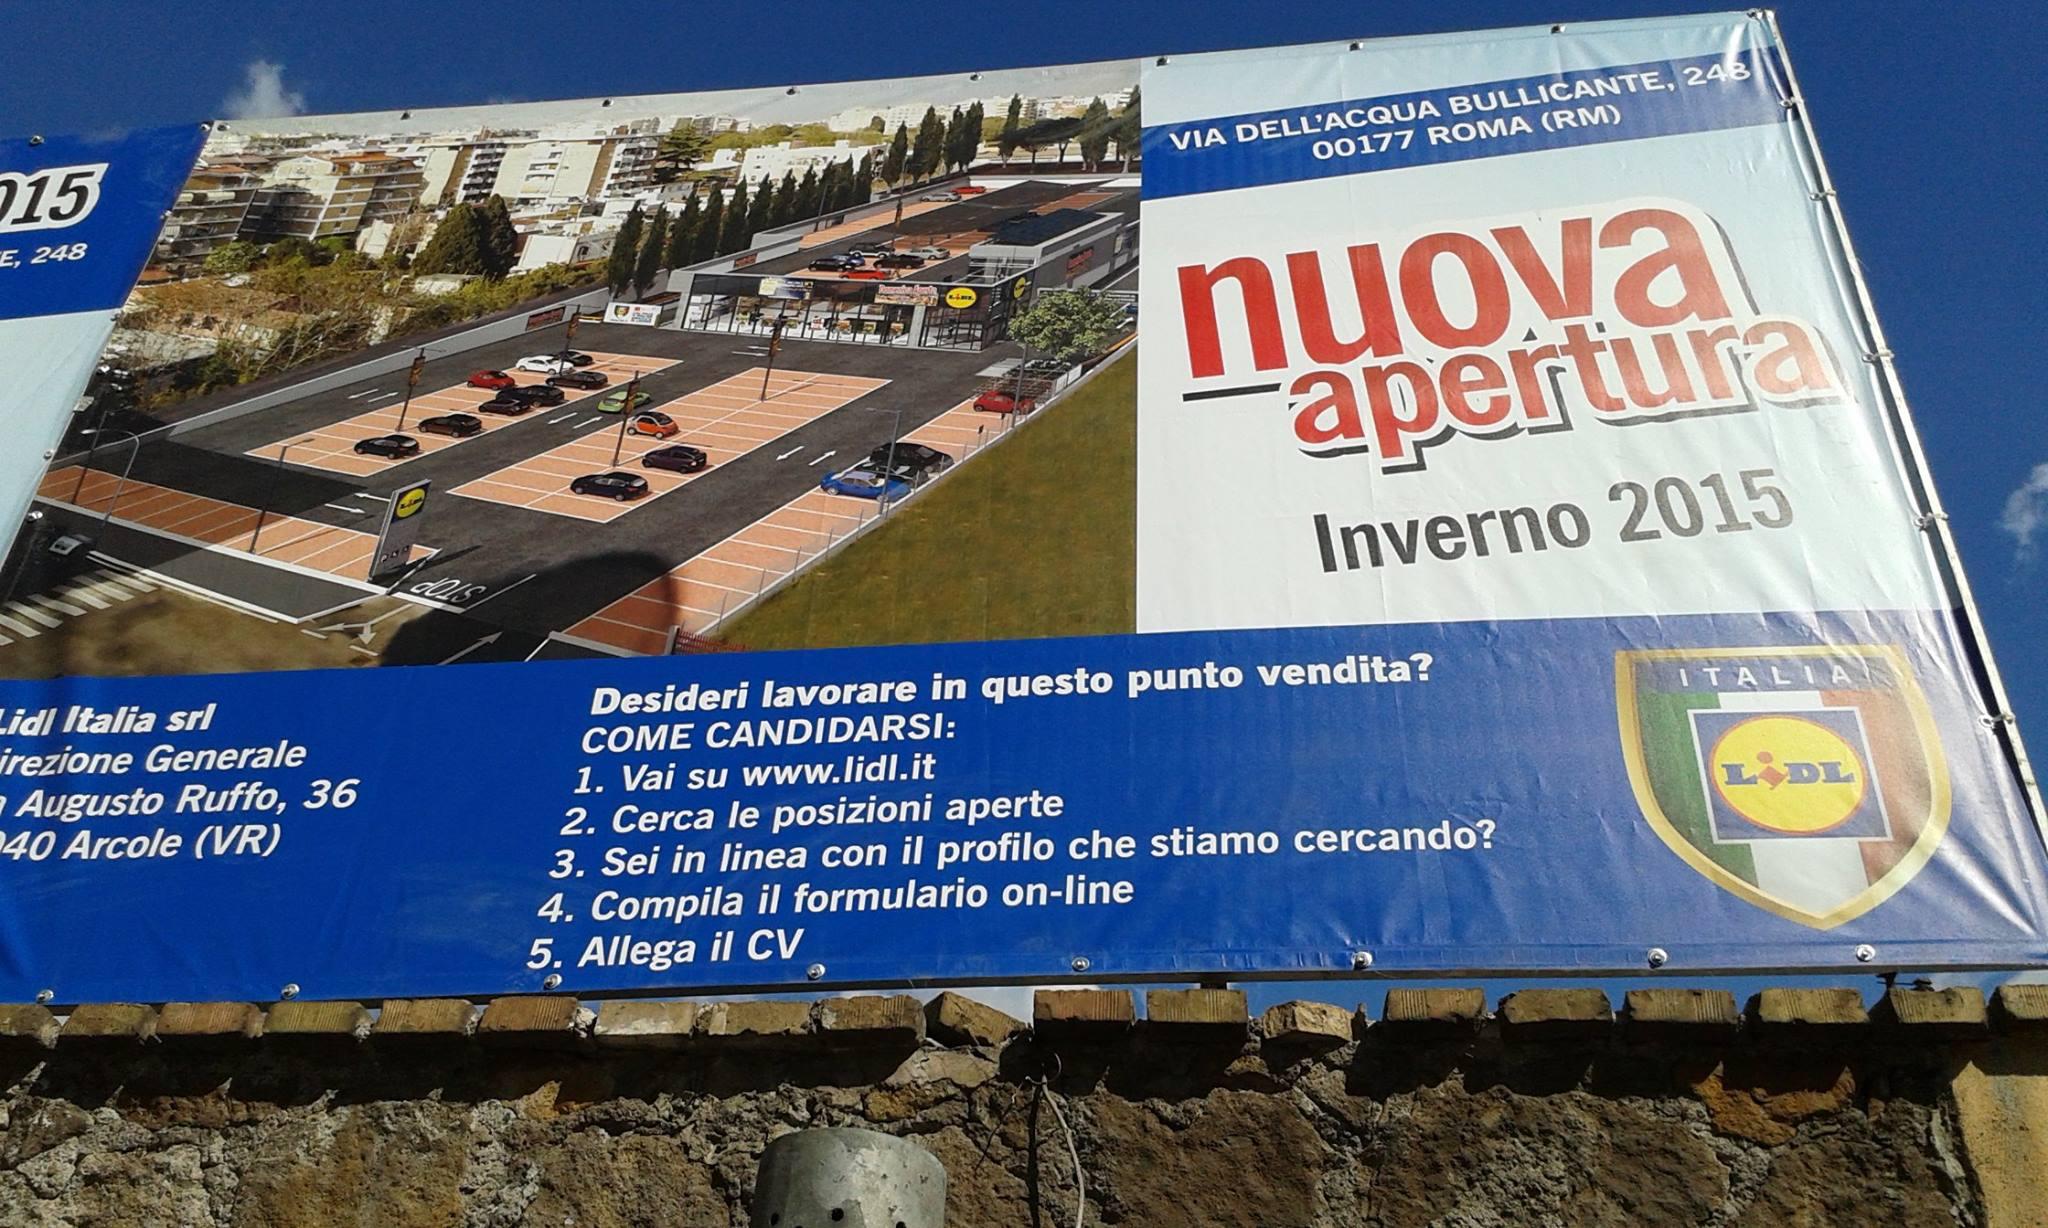 Foto dalla pagina Facebook di Nocemento Roma est